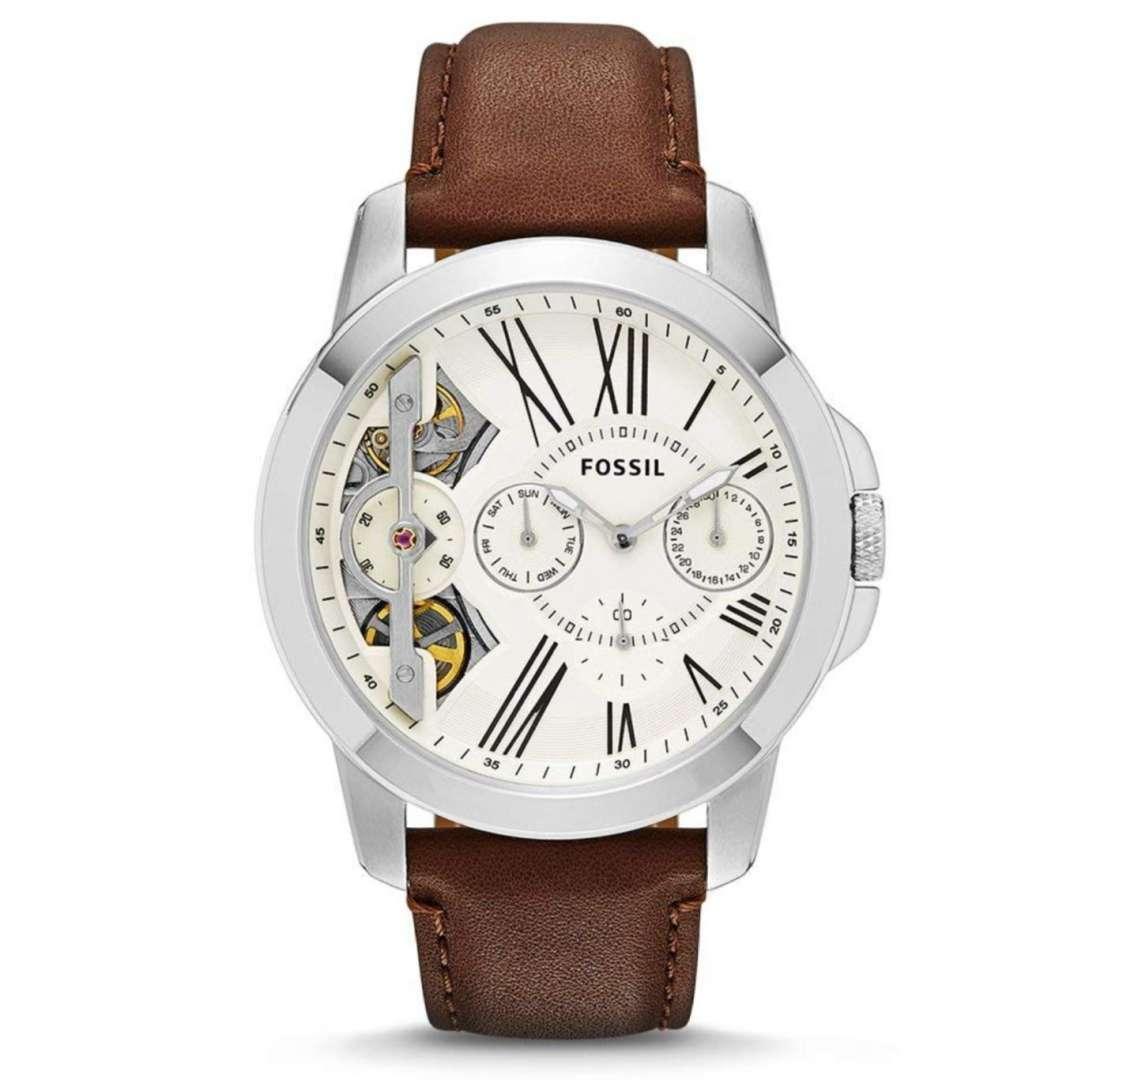 שעון יד אנלוגי fossil me1144 פוסיל